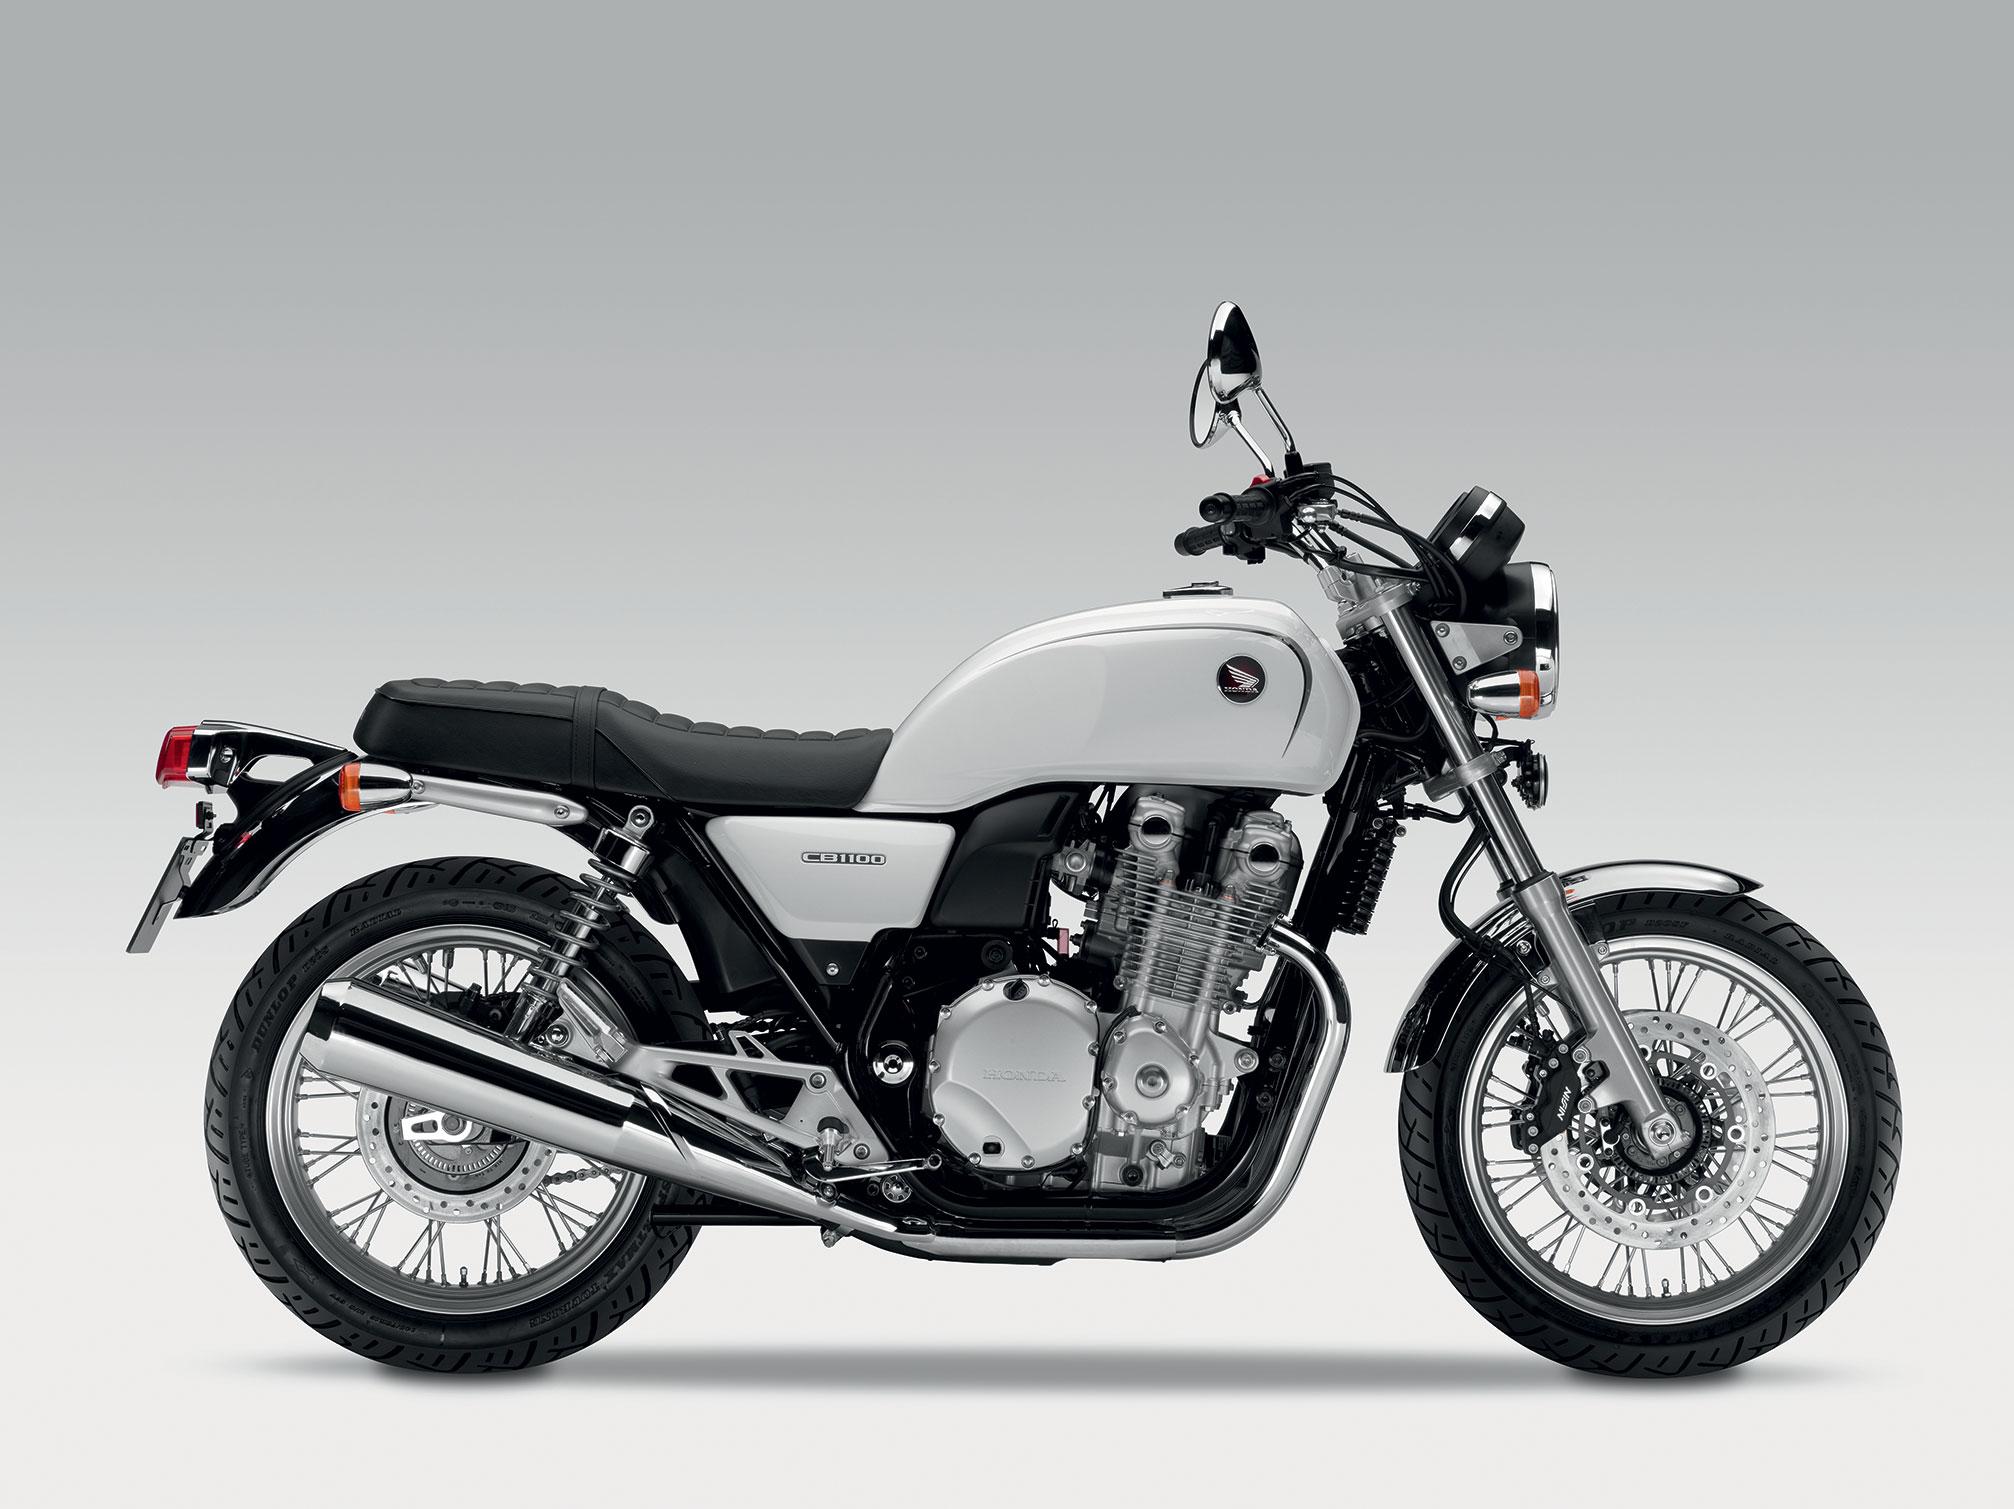 本田honda摩托车-cb摩托图片 320369 2014x1509